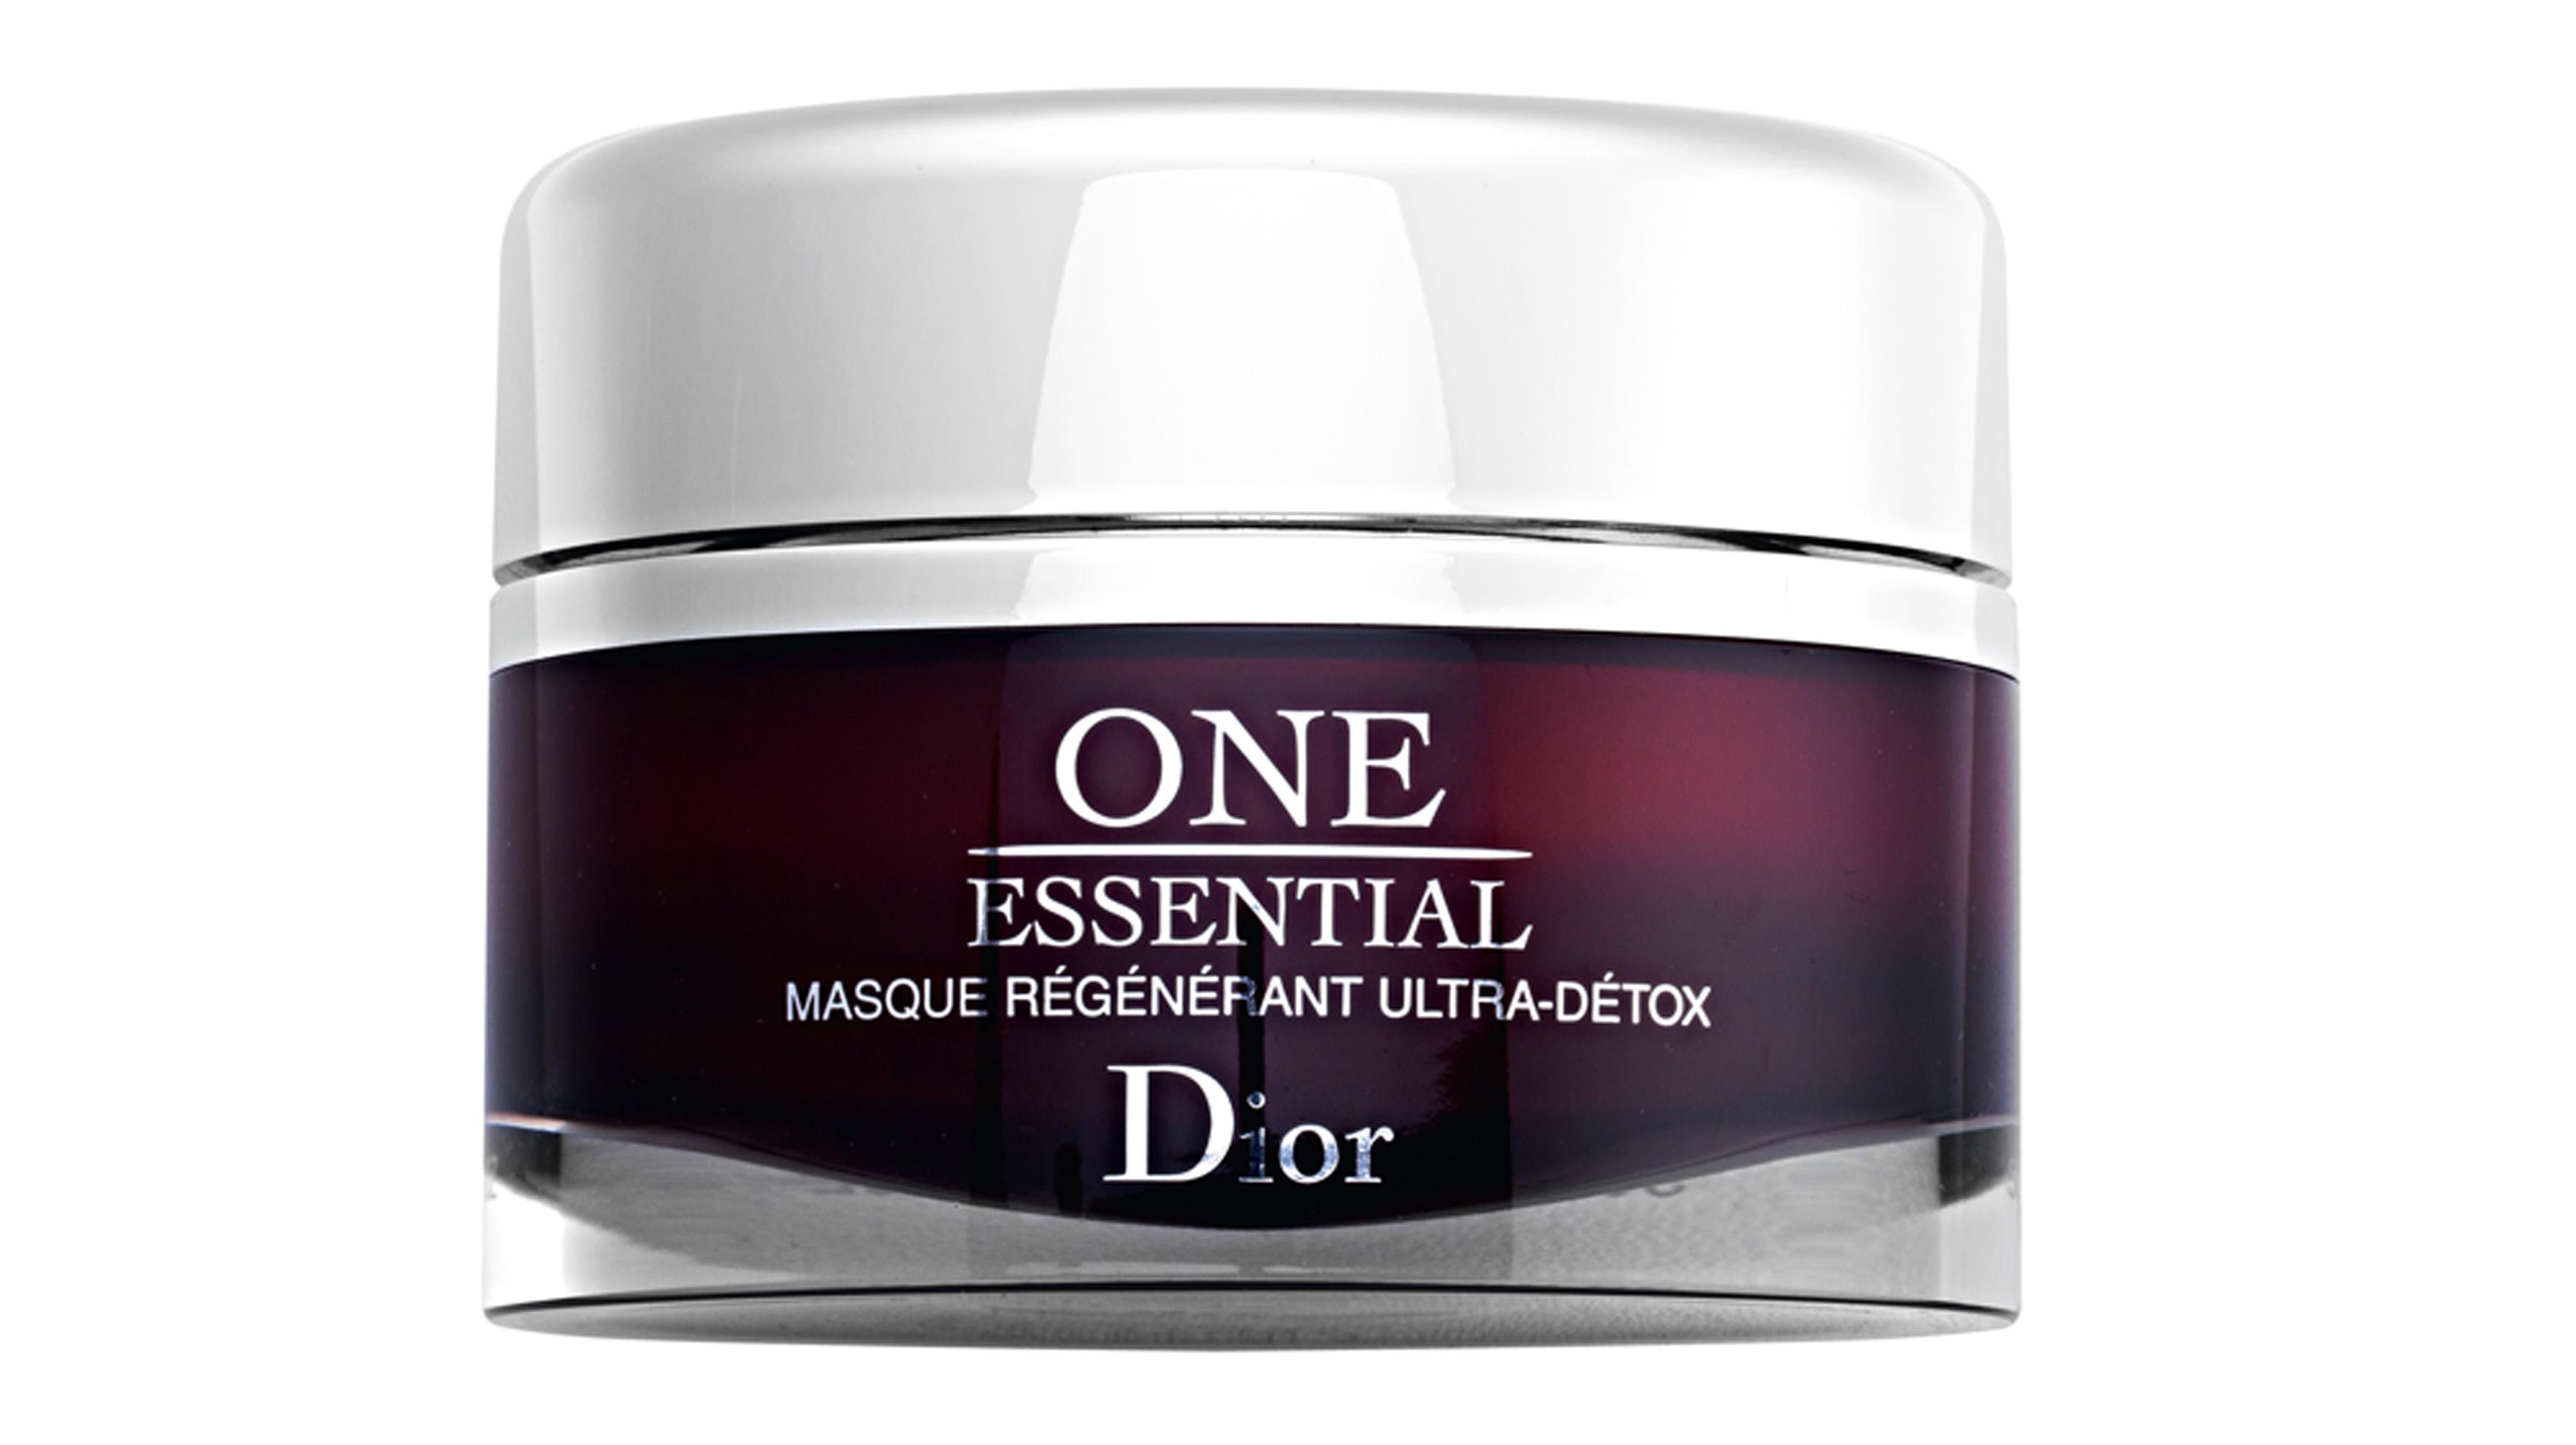 """Renovada: """"Quando sinto que a pele está com aspecto cansado, uso a máscara Regenerant Ultra Detox, da Dior, que é fantástica. Aplico de 15 em 15 dias"""""""